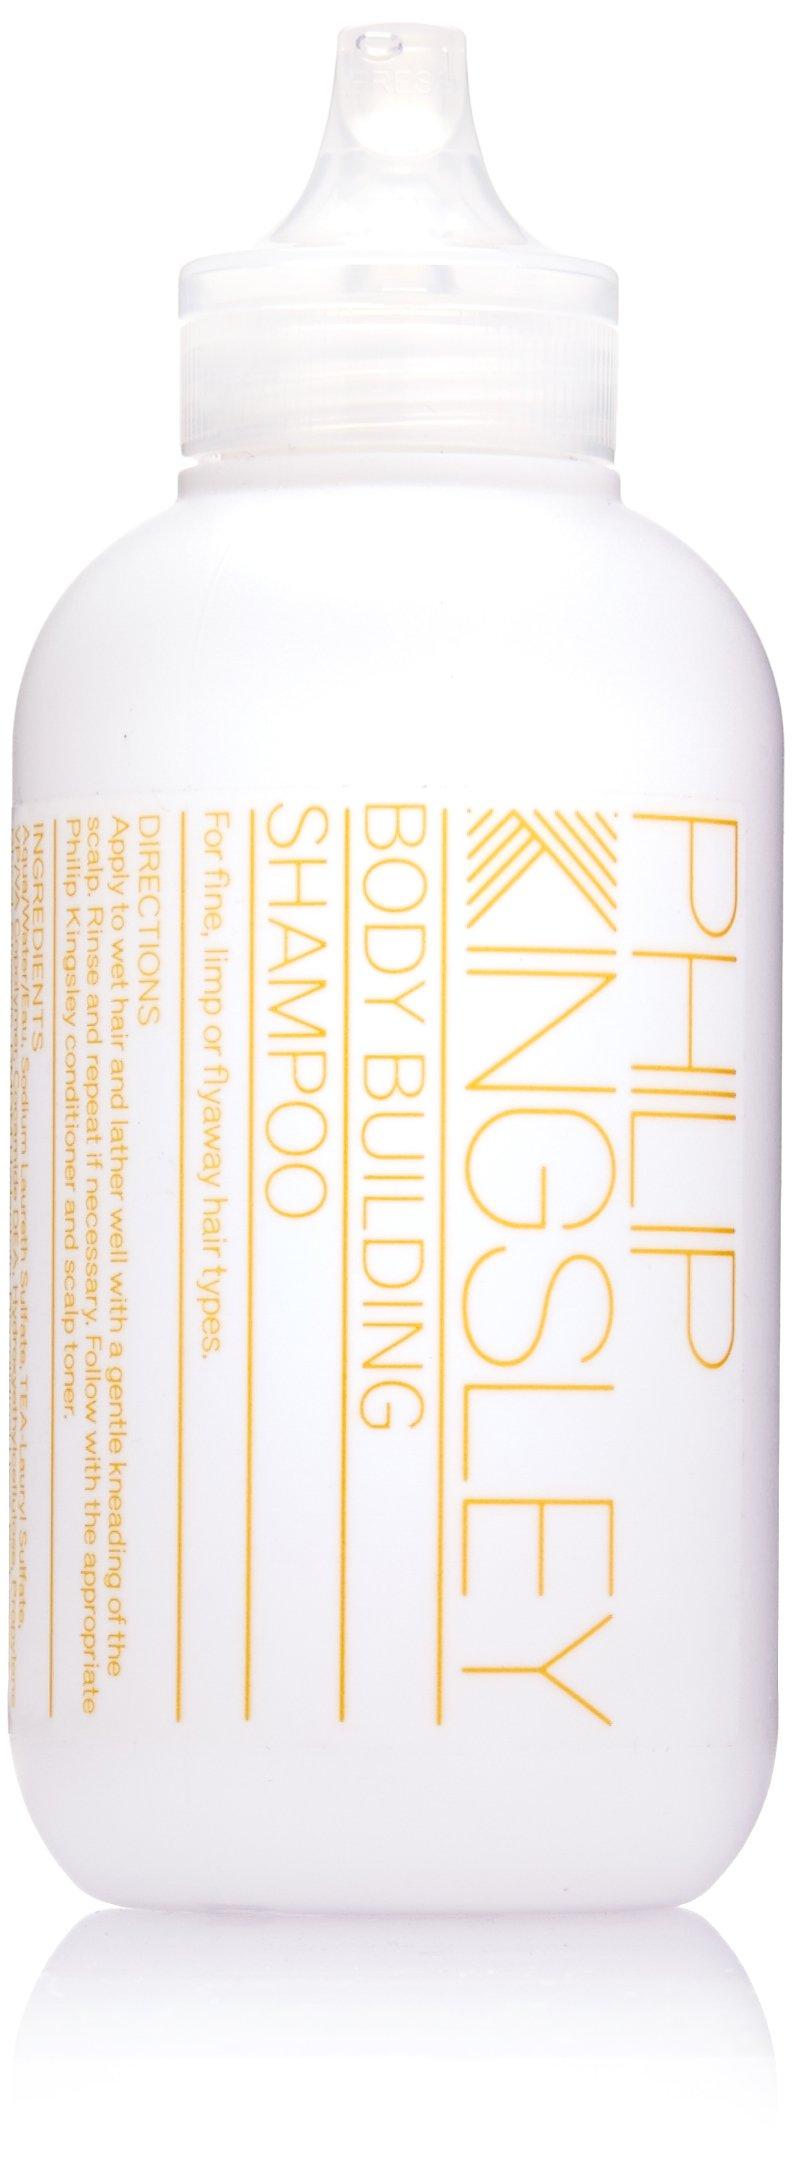 Phillip Kingsley Body Building Shampoo, 8.45 Ounce